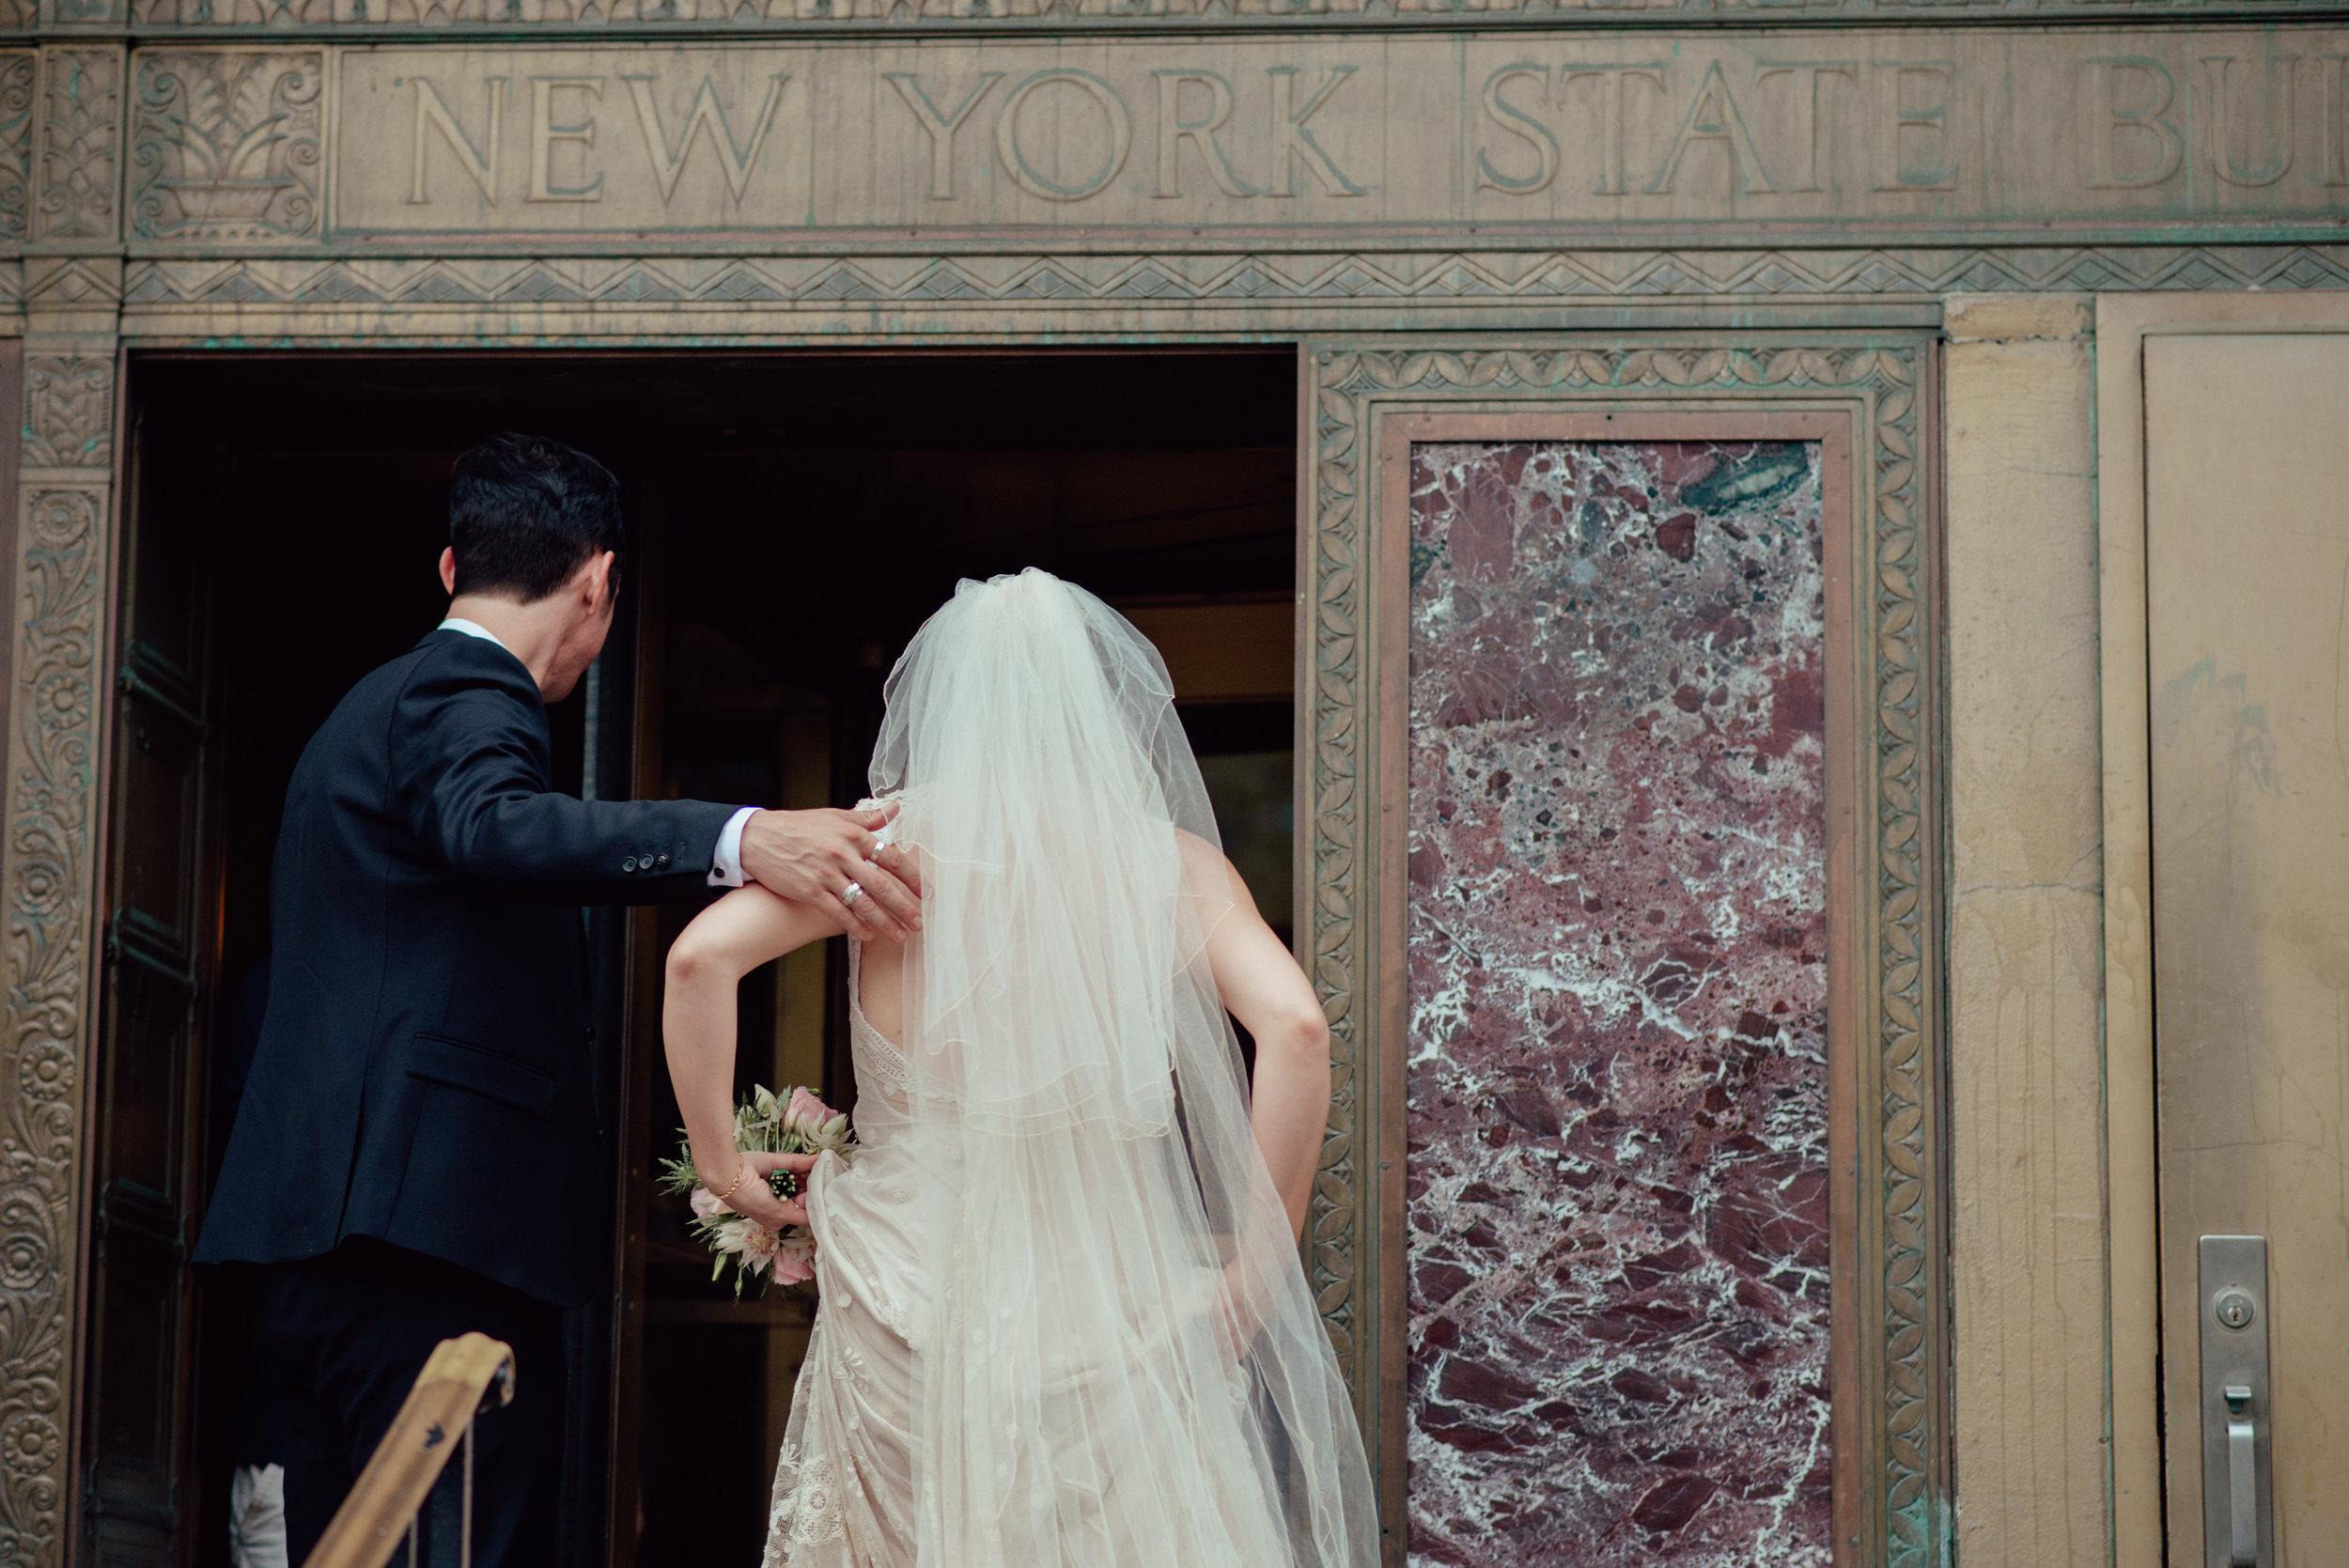 cleland-studios-weddings-18.jpg